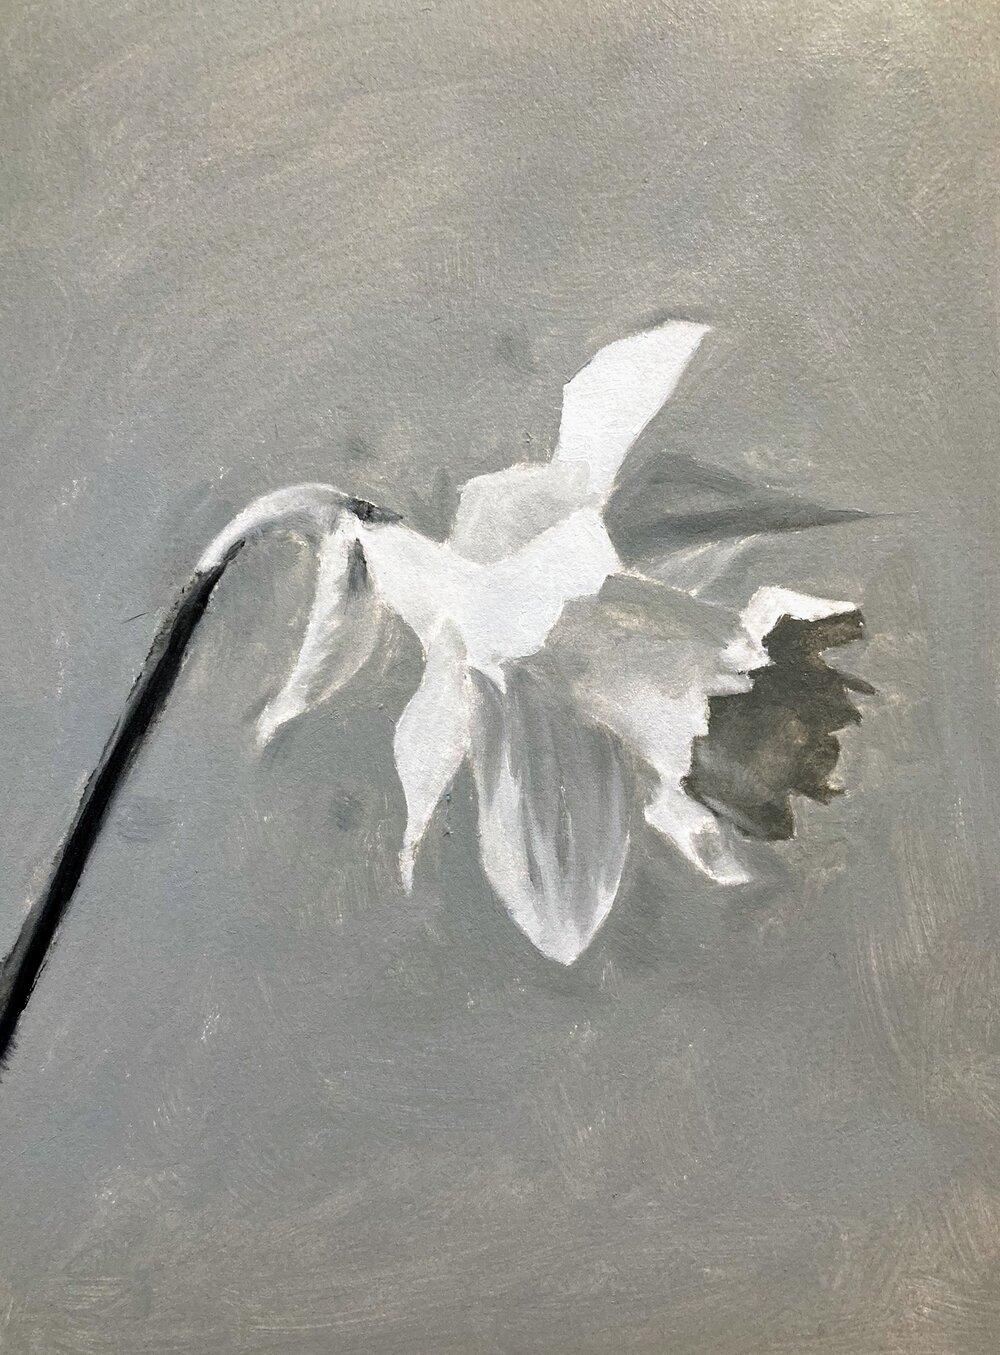 daffodil_value_study.jpg